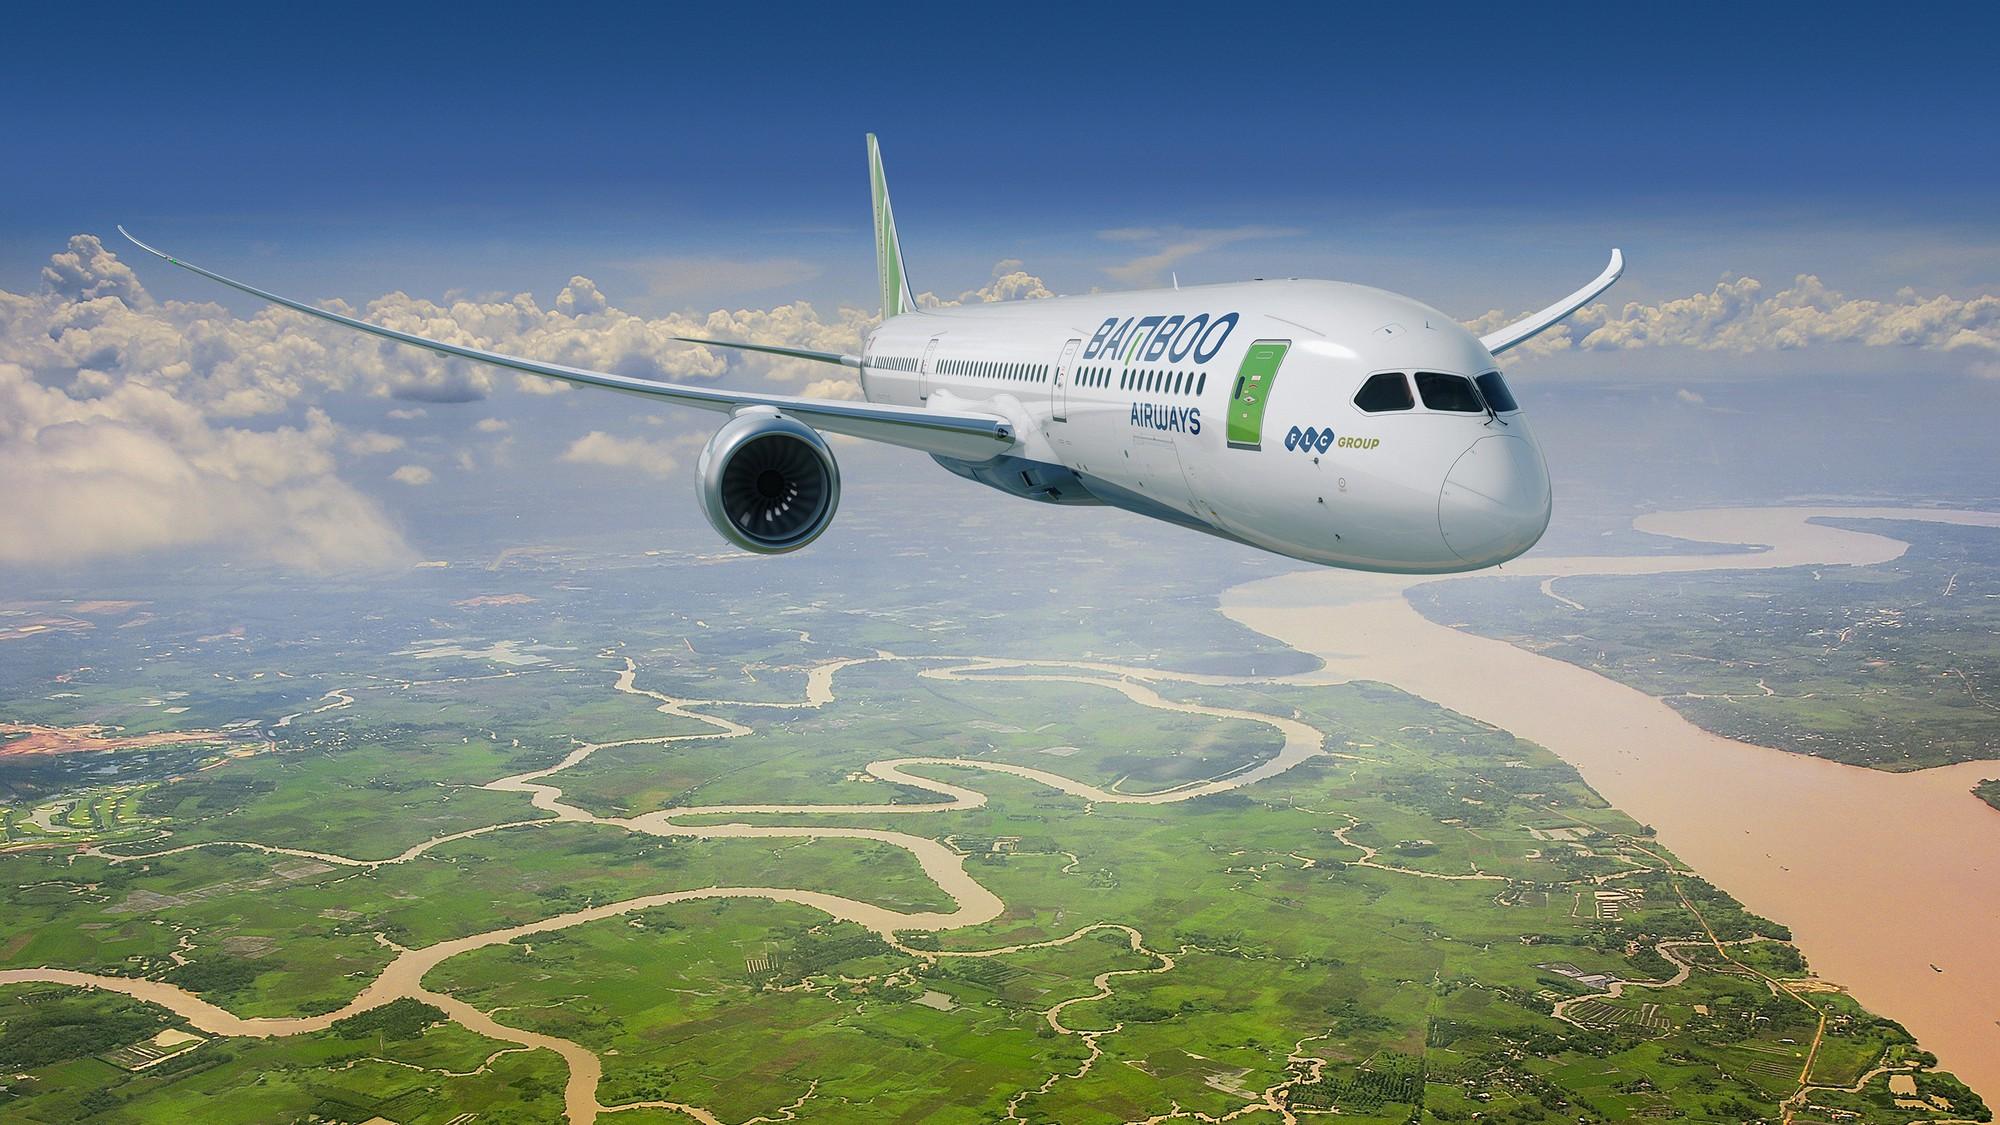 Tổng Giám đốc Hãng hàng không Bamboo Airways: Chúng tôi đã chuẩn bị 20 máy bay trong thời gian đầu cất cánh vào quý 1/2019 - Ảnh 3.